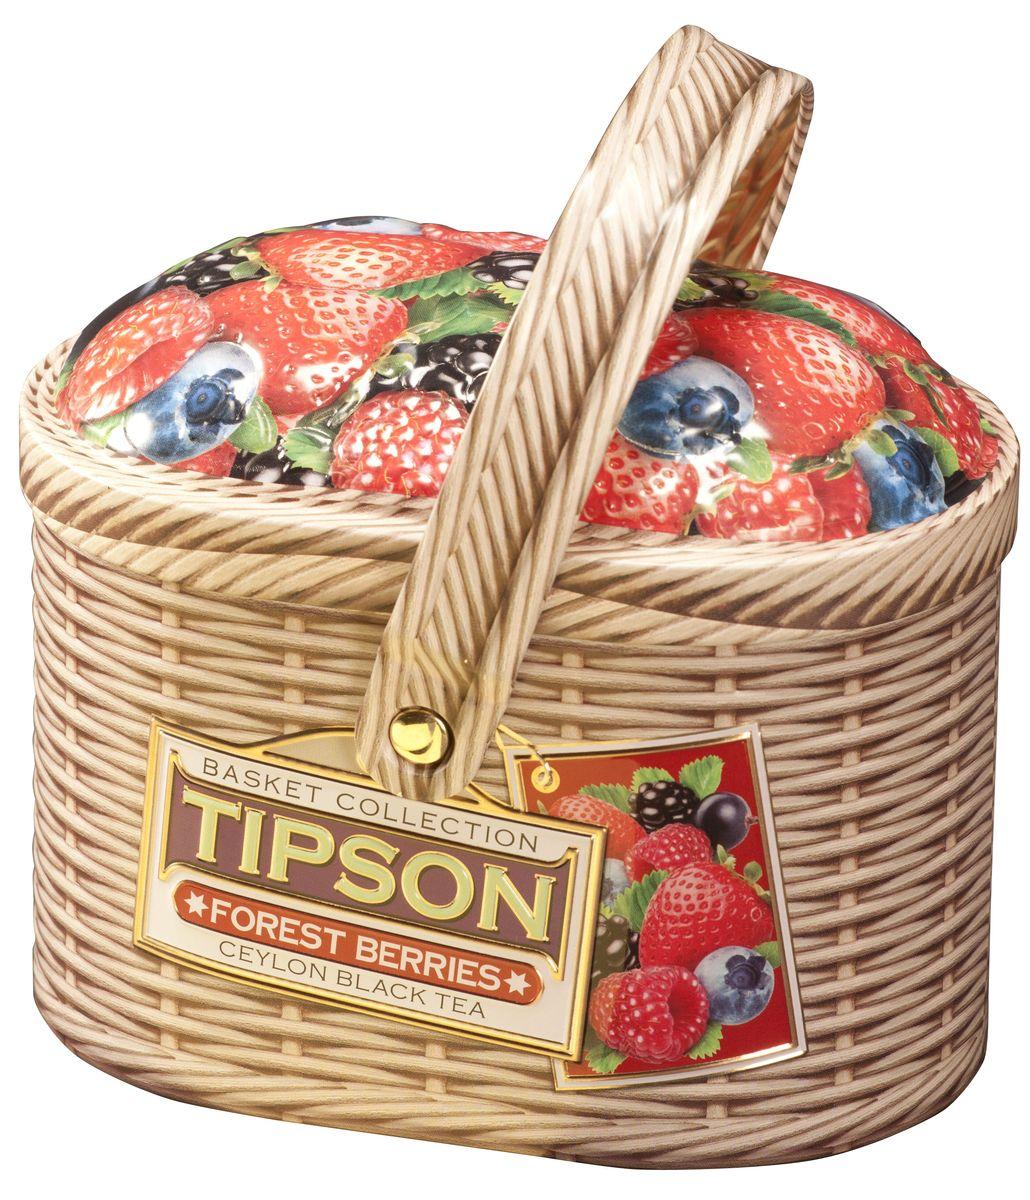 Tipson Forest Berries черный листовой чай, 100 г (жестяная банка)0120710Чай чёрный цейлонский байховый листовой Tipson Forest Berries с кусочками клубники и яблока, лепестками василька и ароматами вишни и ванили.